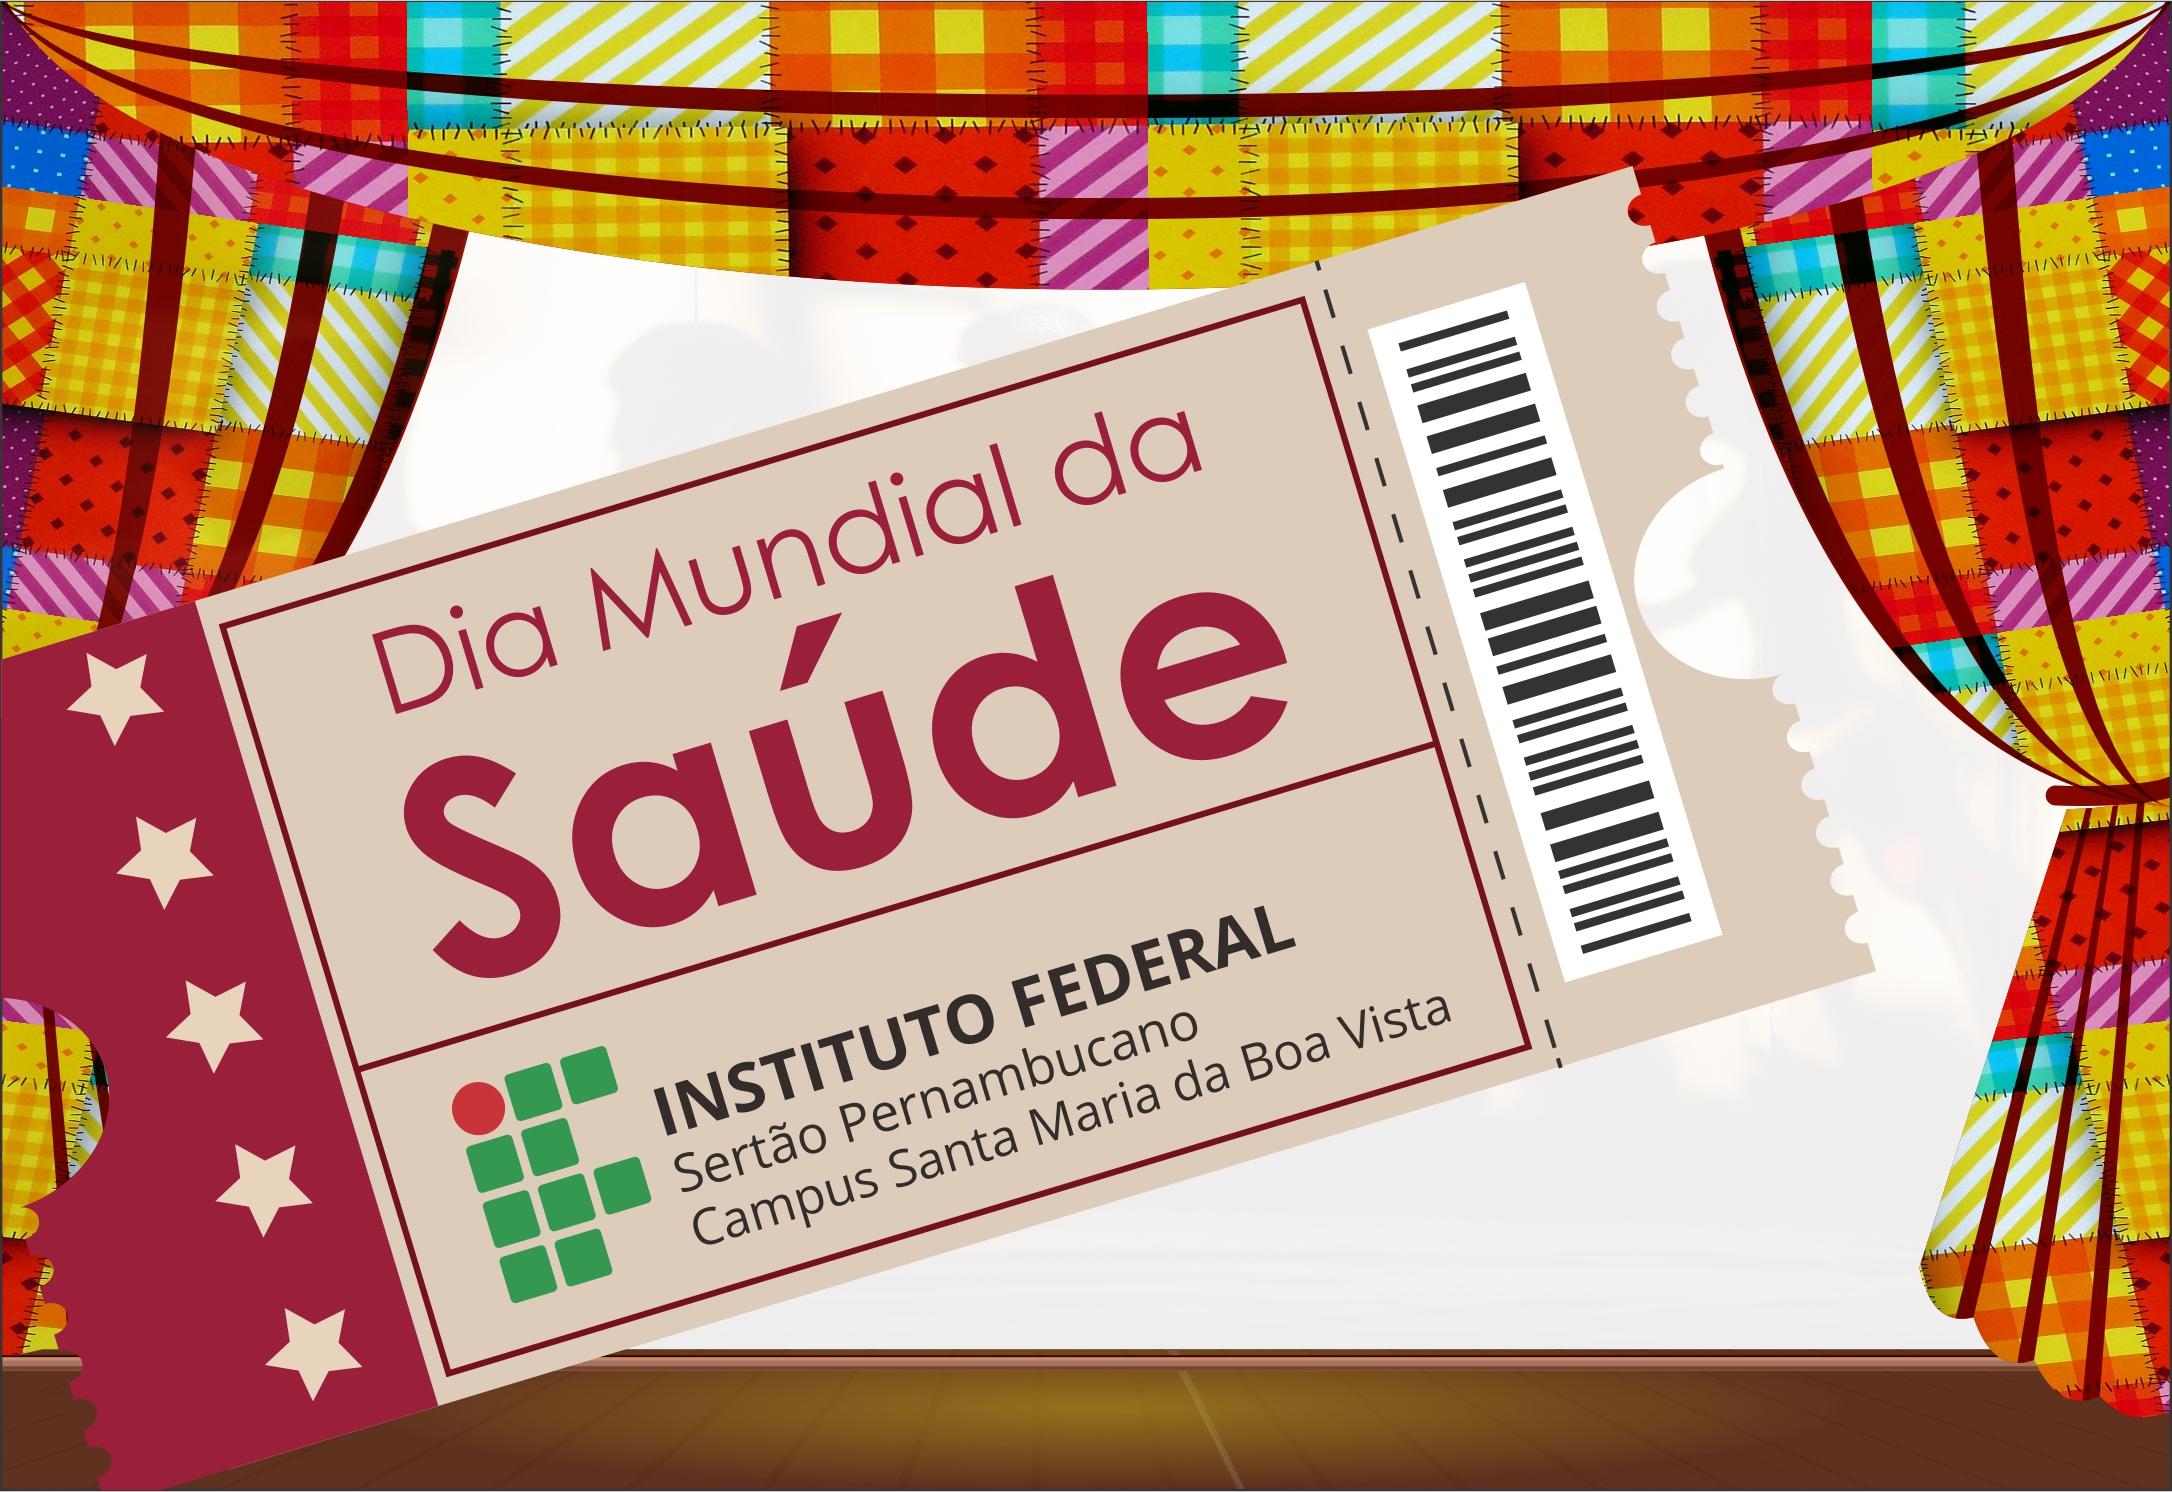 Dia-Mundial-da-Sade-02.jpg